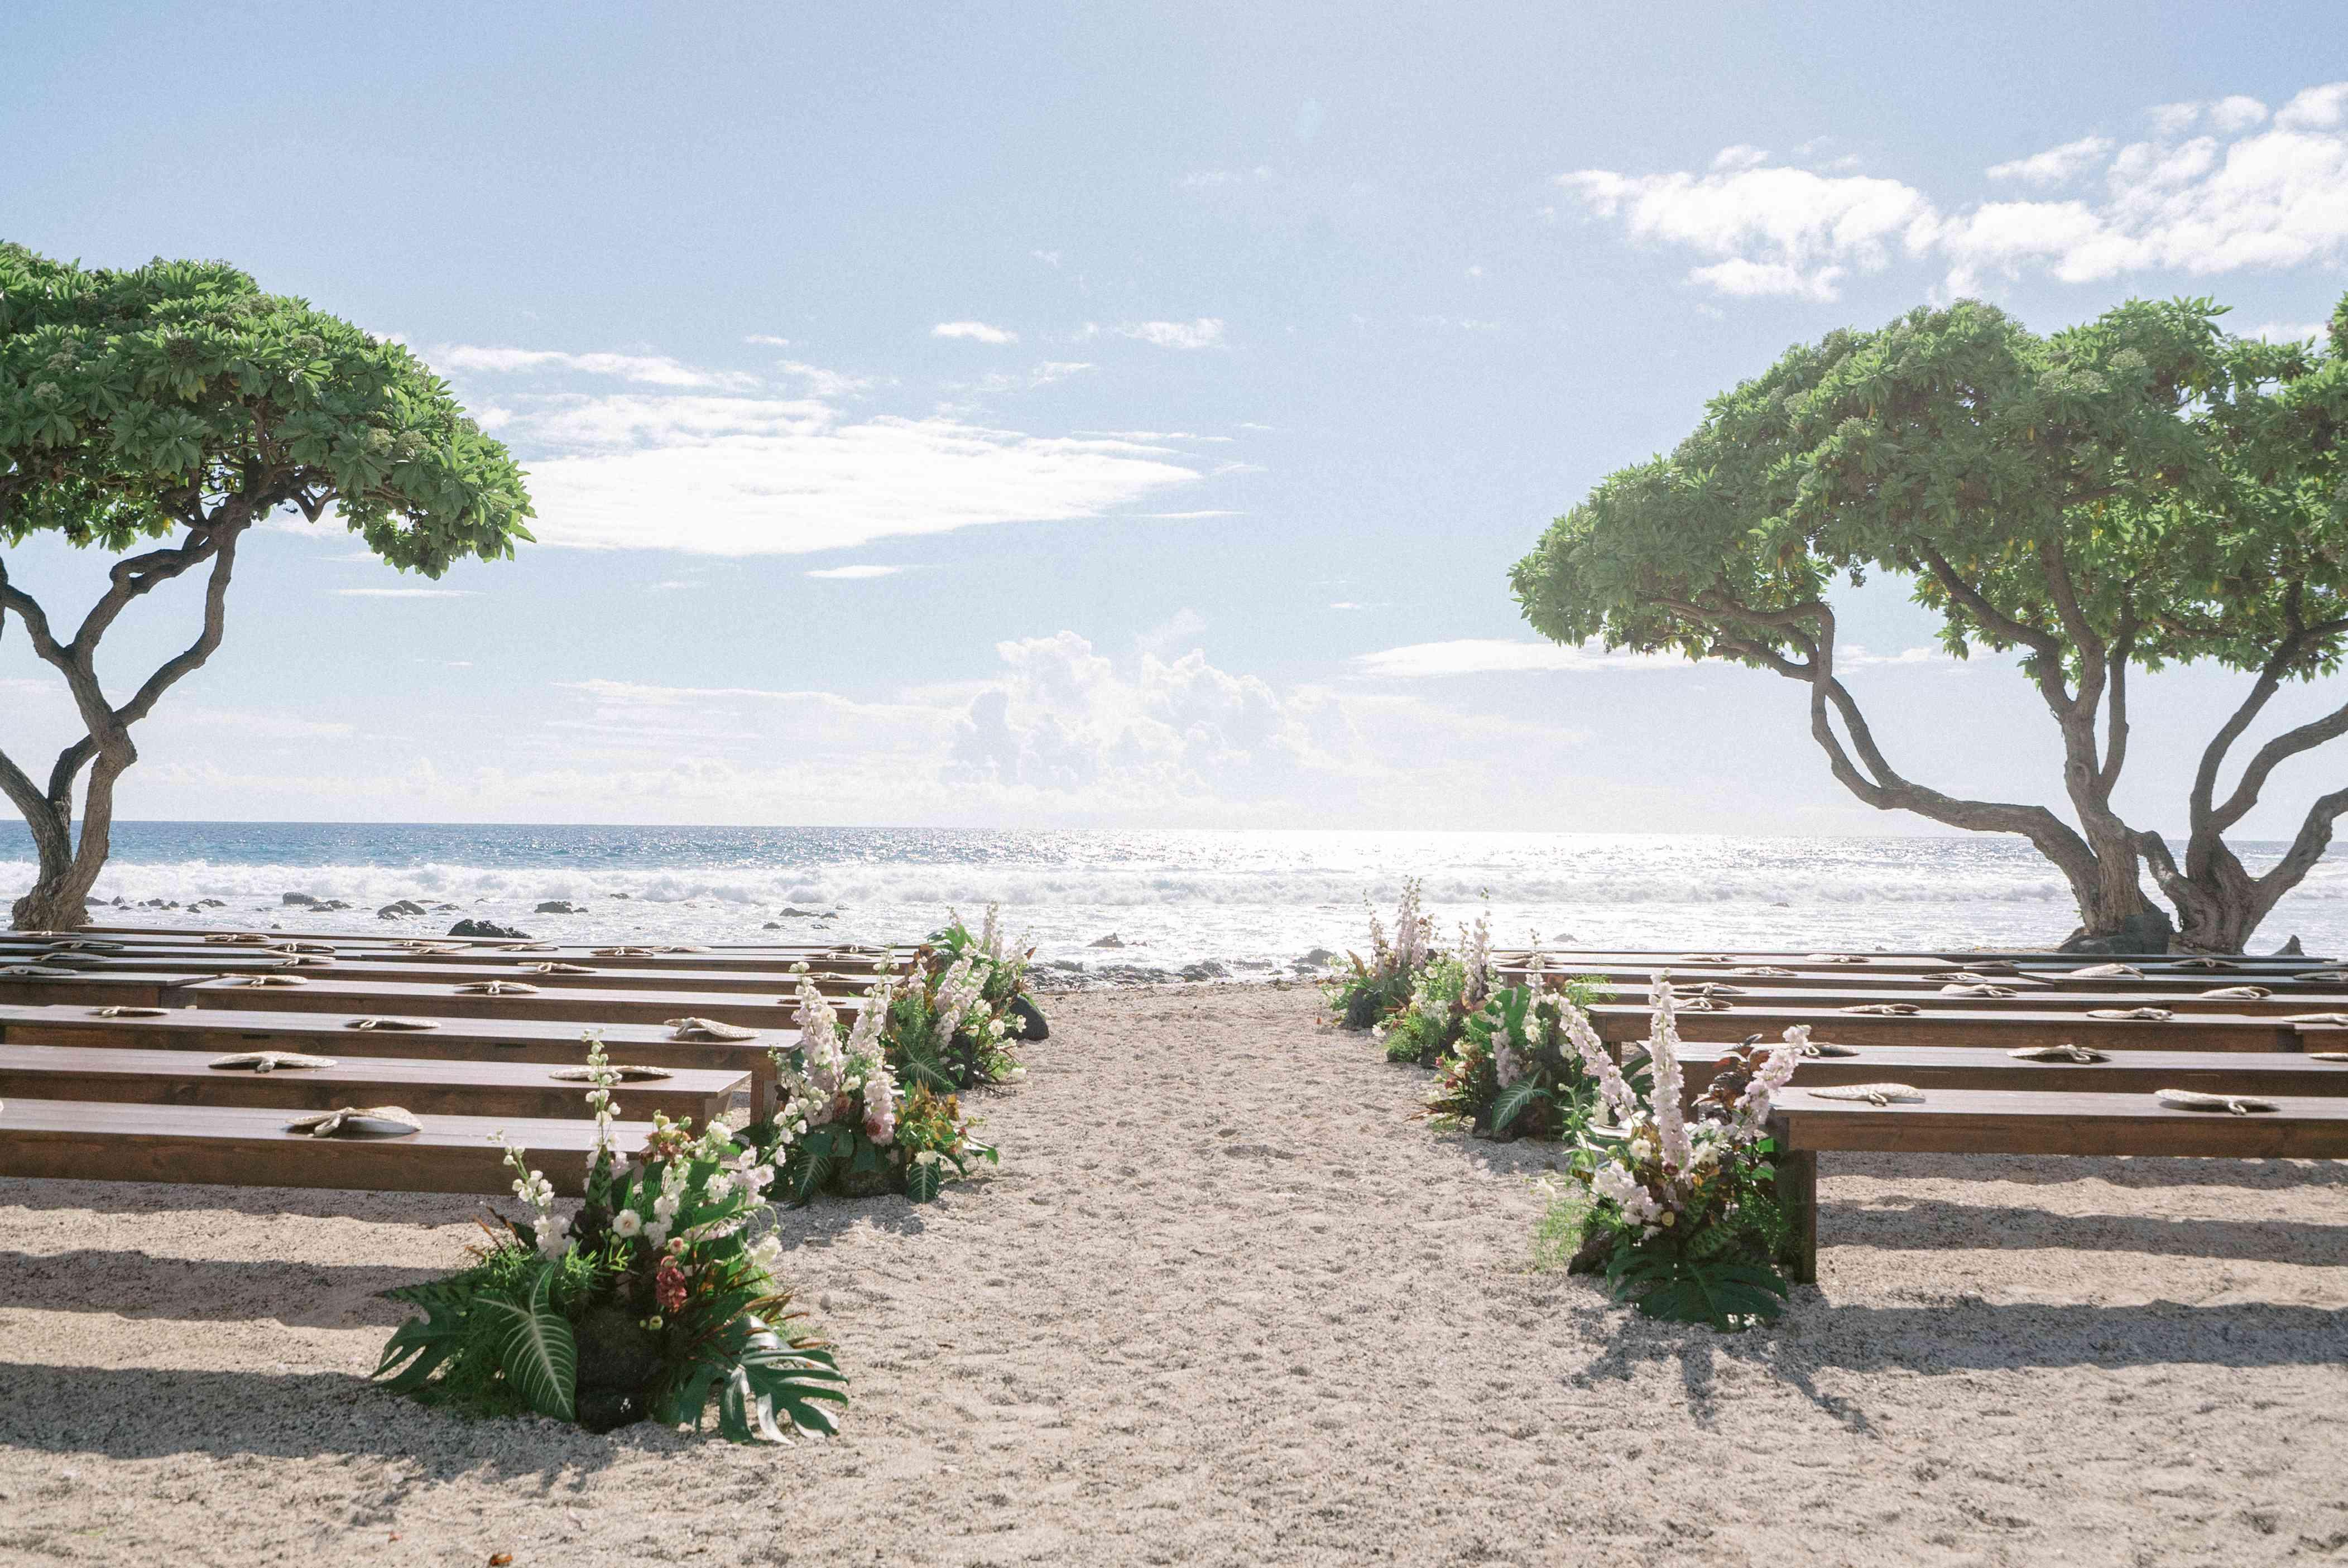 Ceremony venue overlooking the ocean